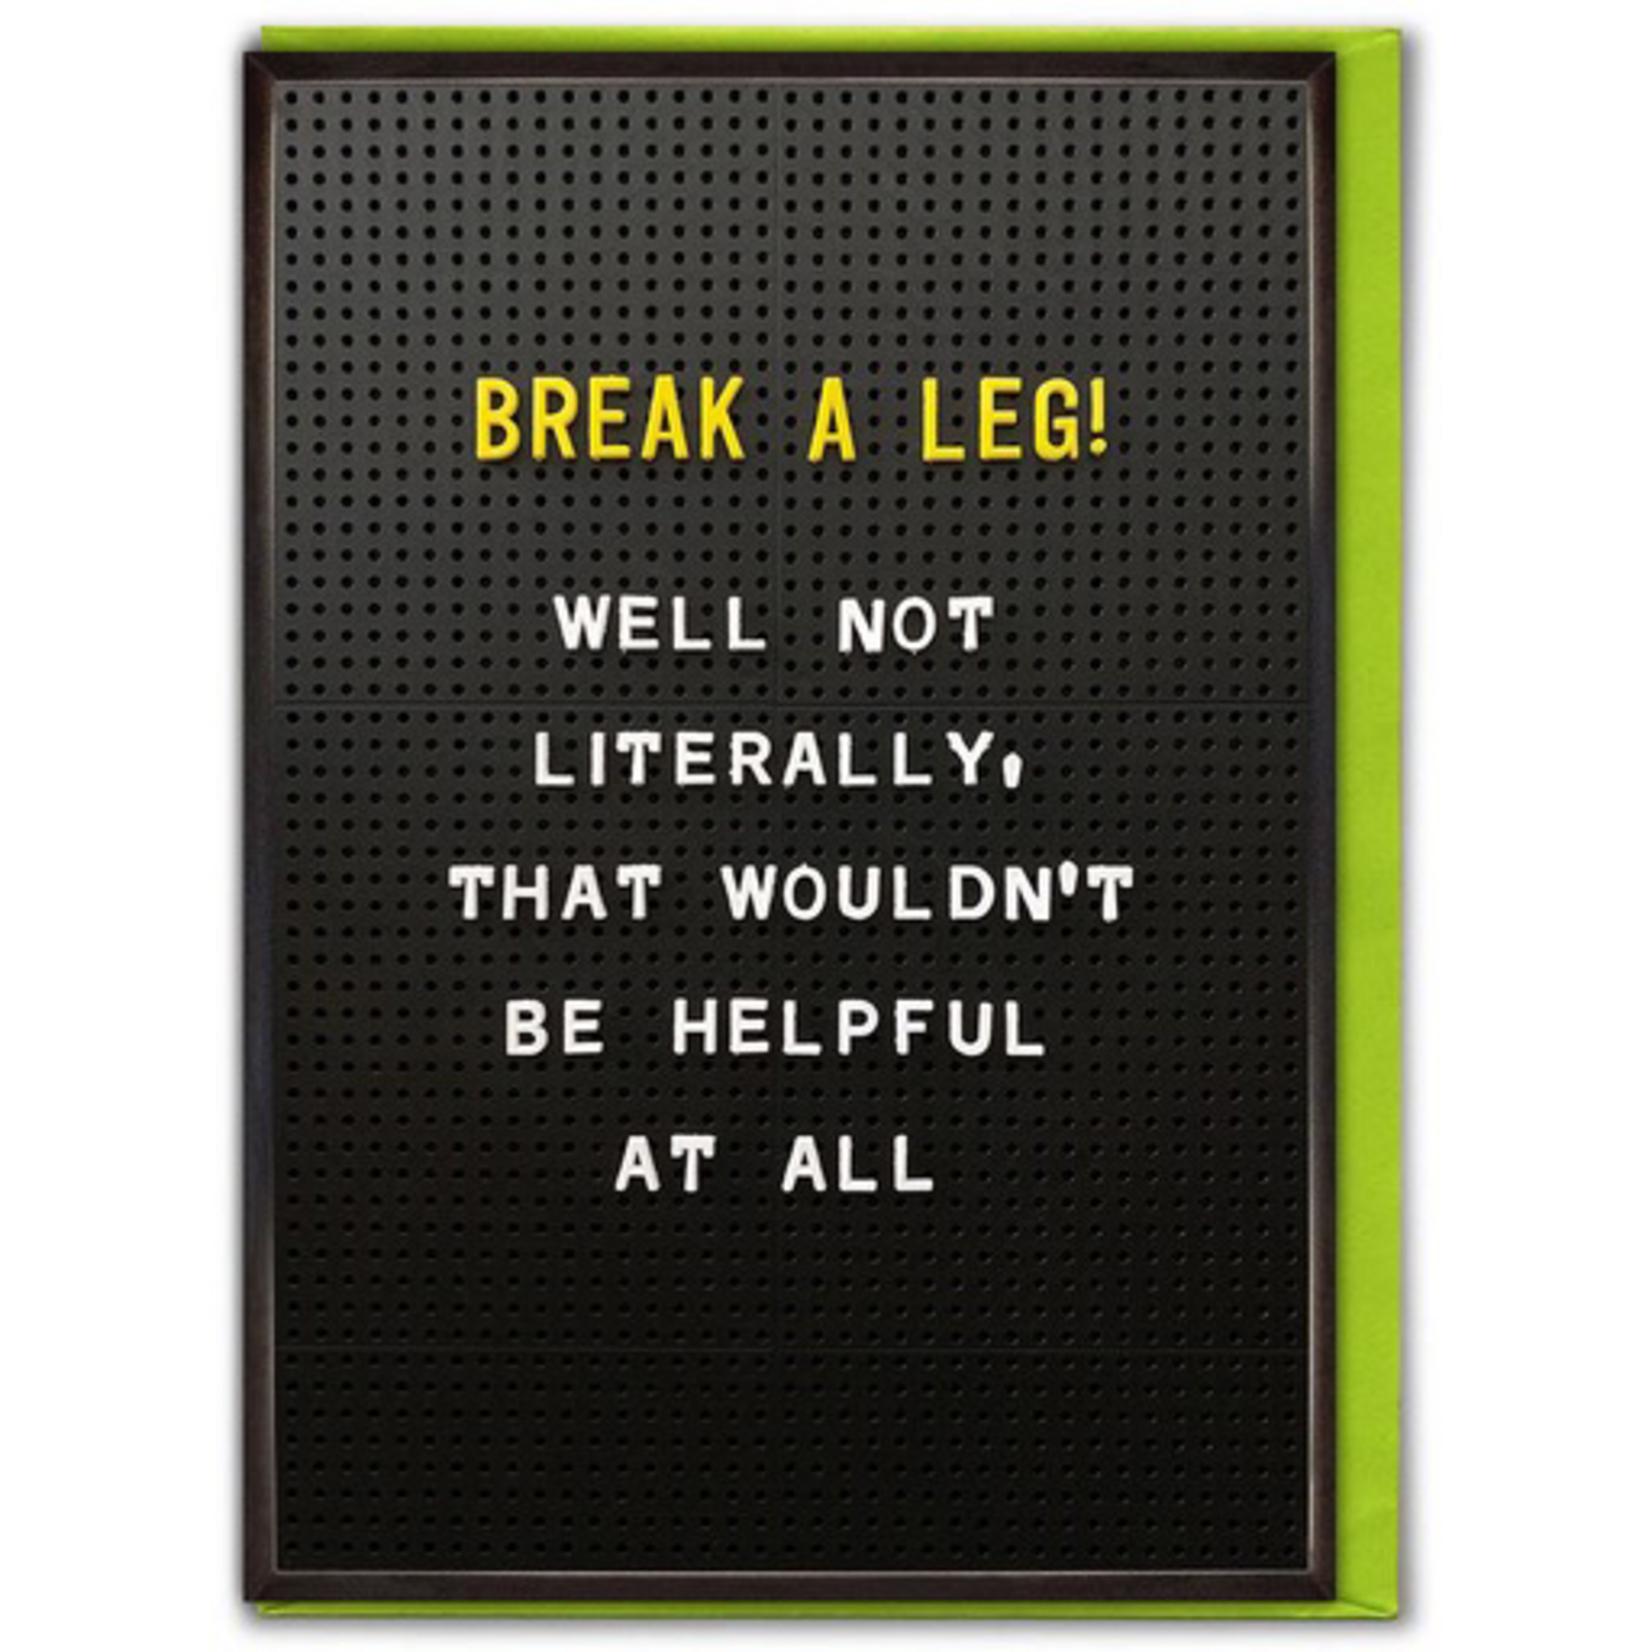 Brainbox Candy Break A Leg Good Luck Card